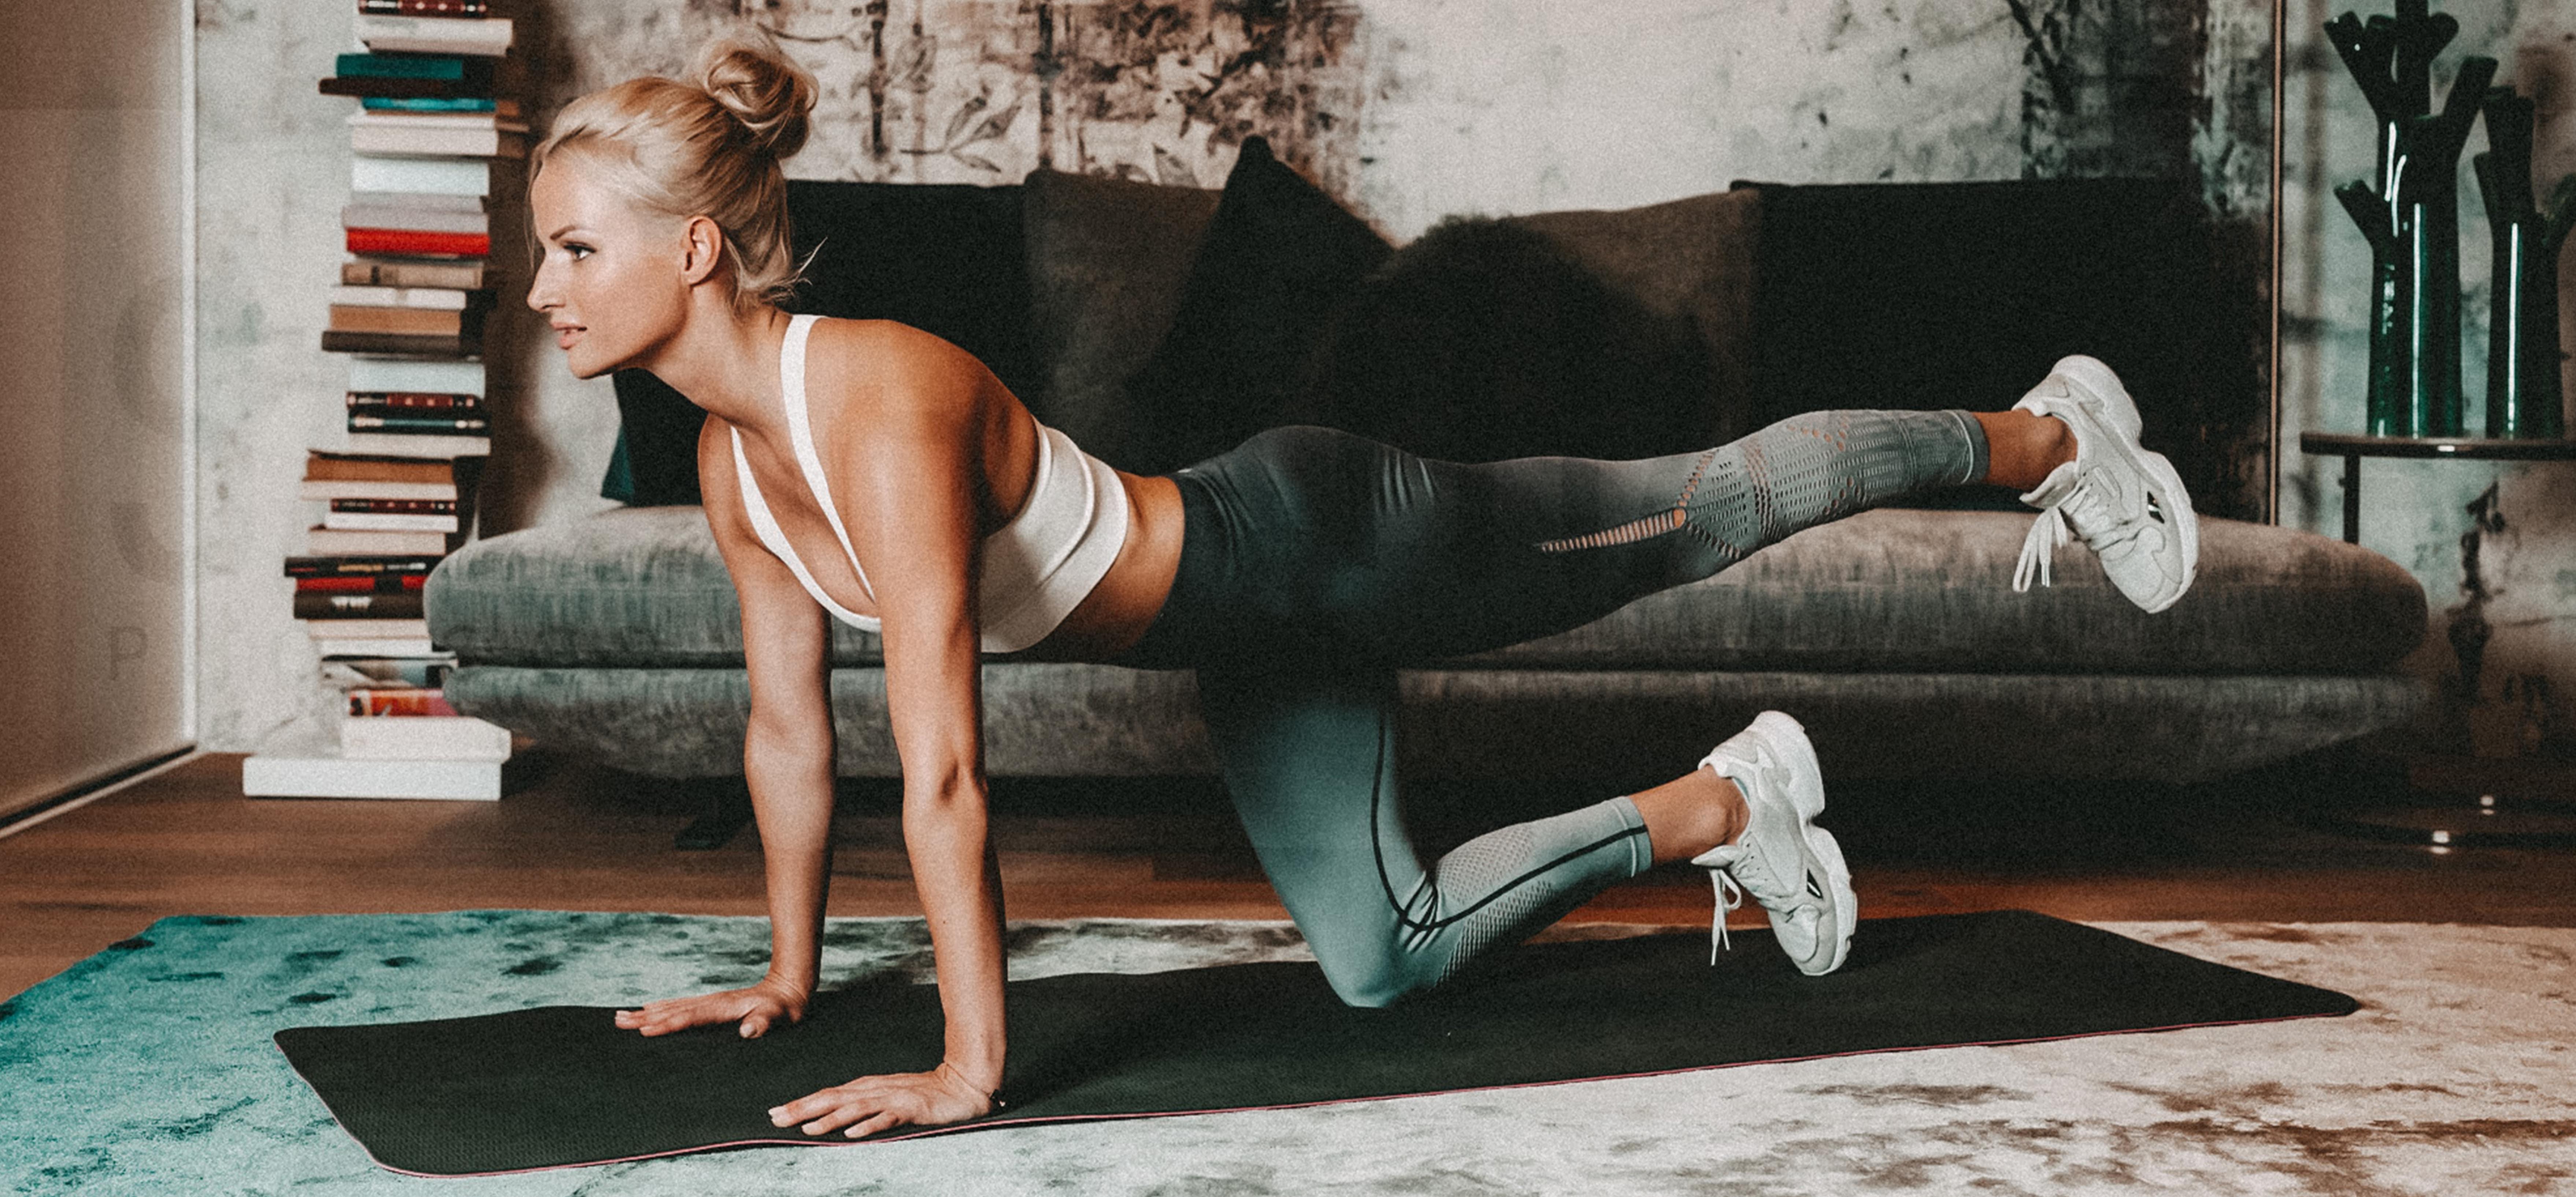 Bild von Mena während eines Stretchings